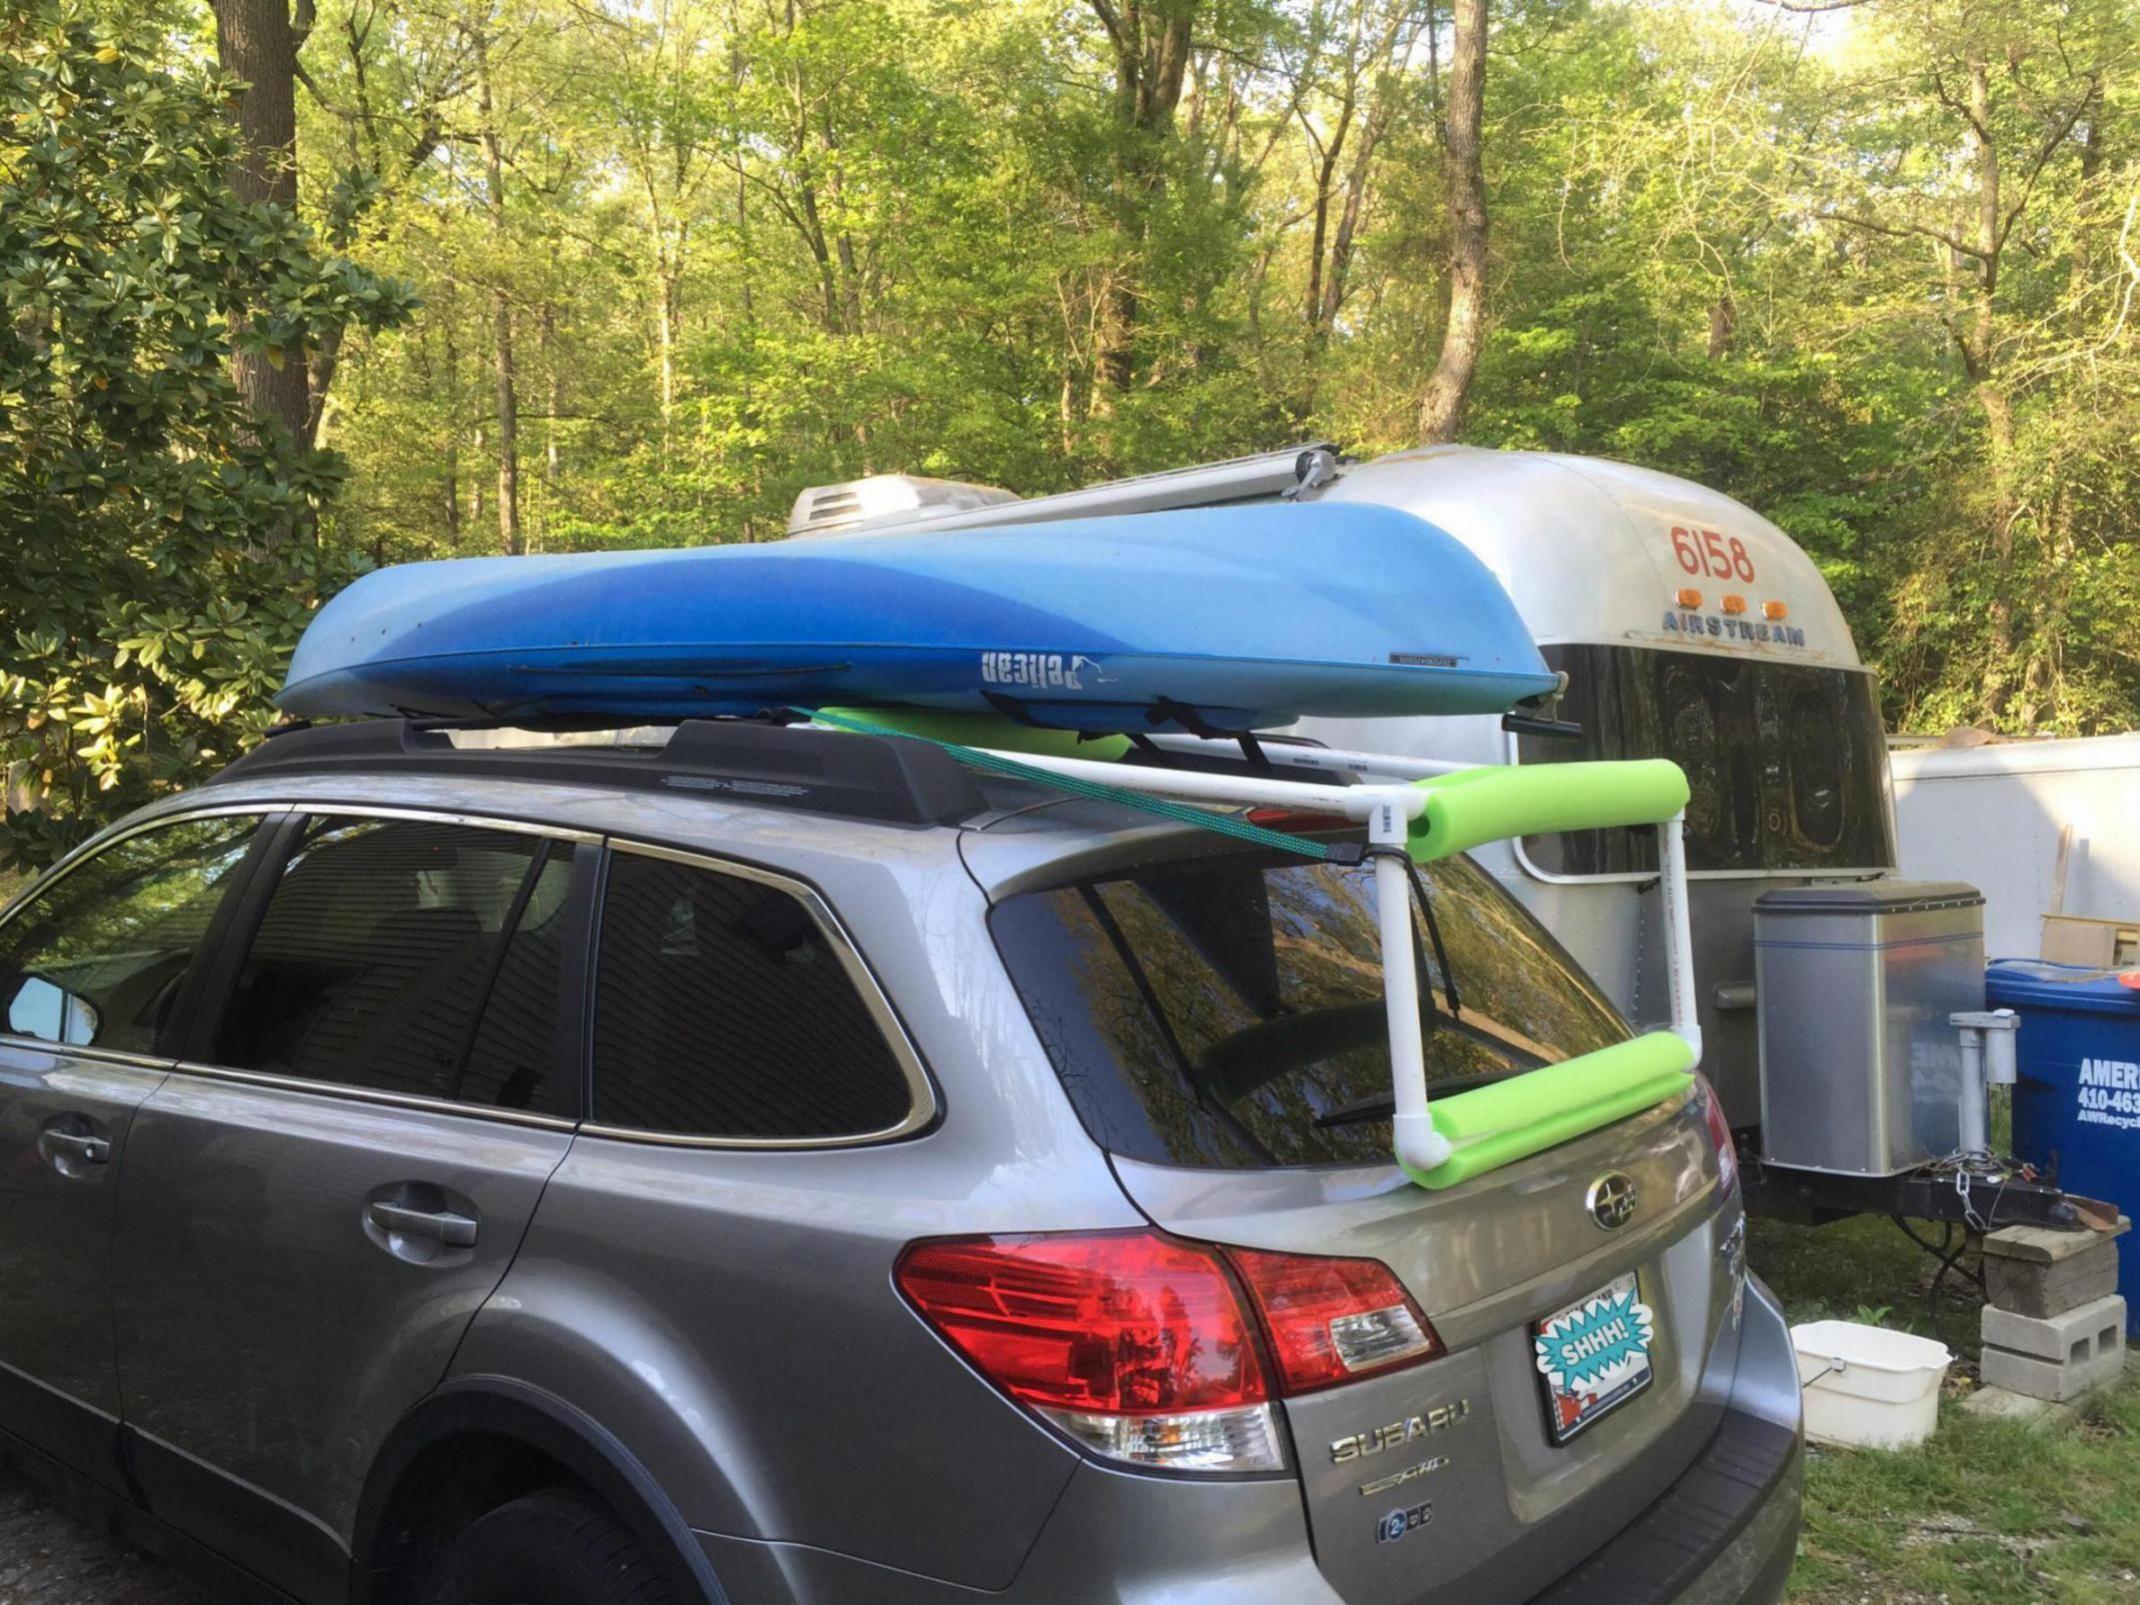 Looking For Diy Kayak Loader Ideas Page 2 Subaru Outback Subaru Outback Forums Kayaking Kayak Rack Kayak Transport